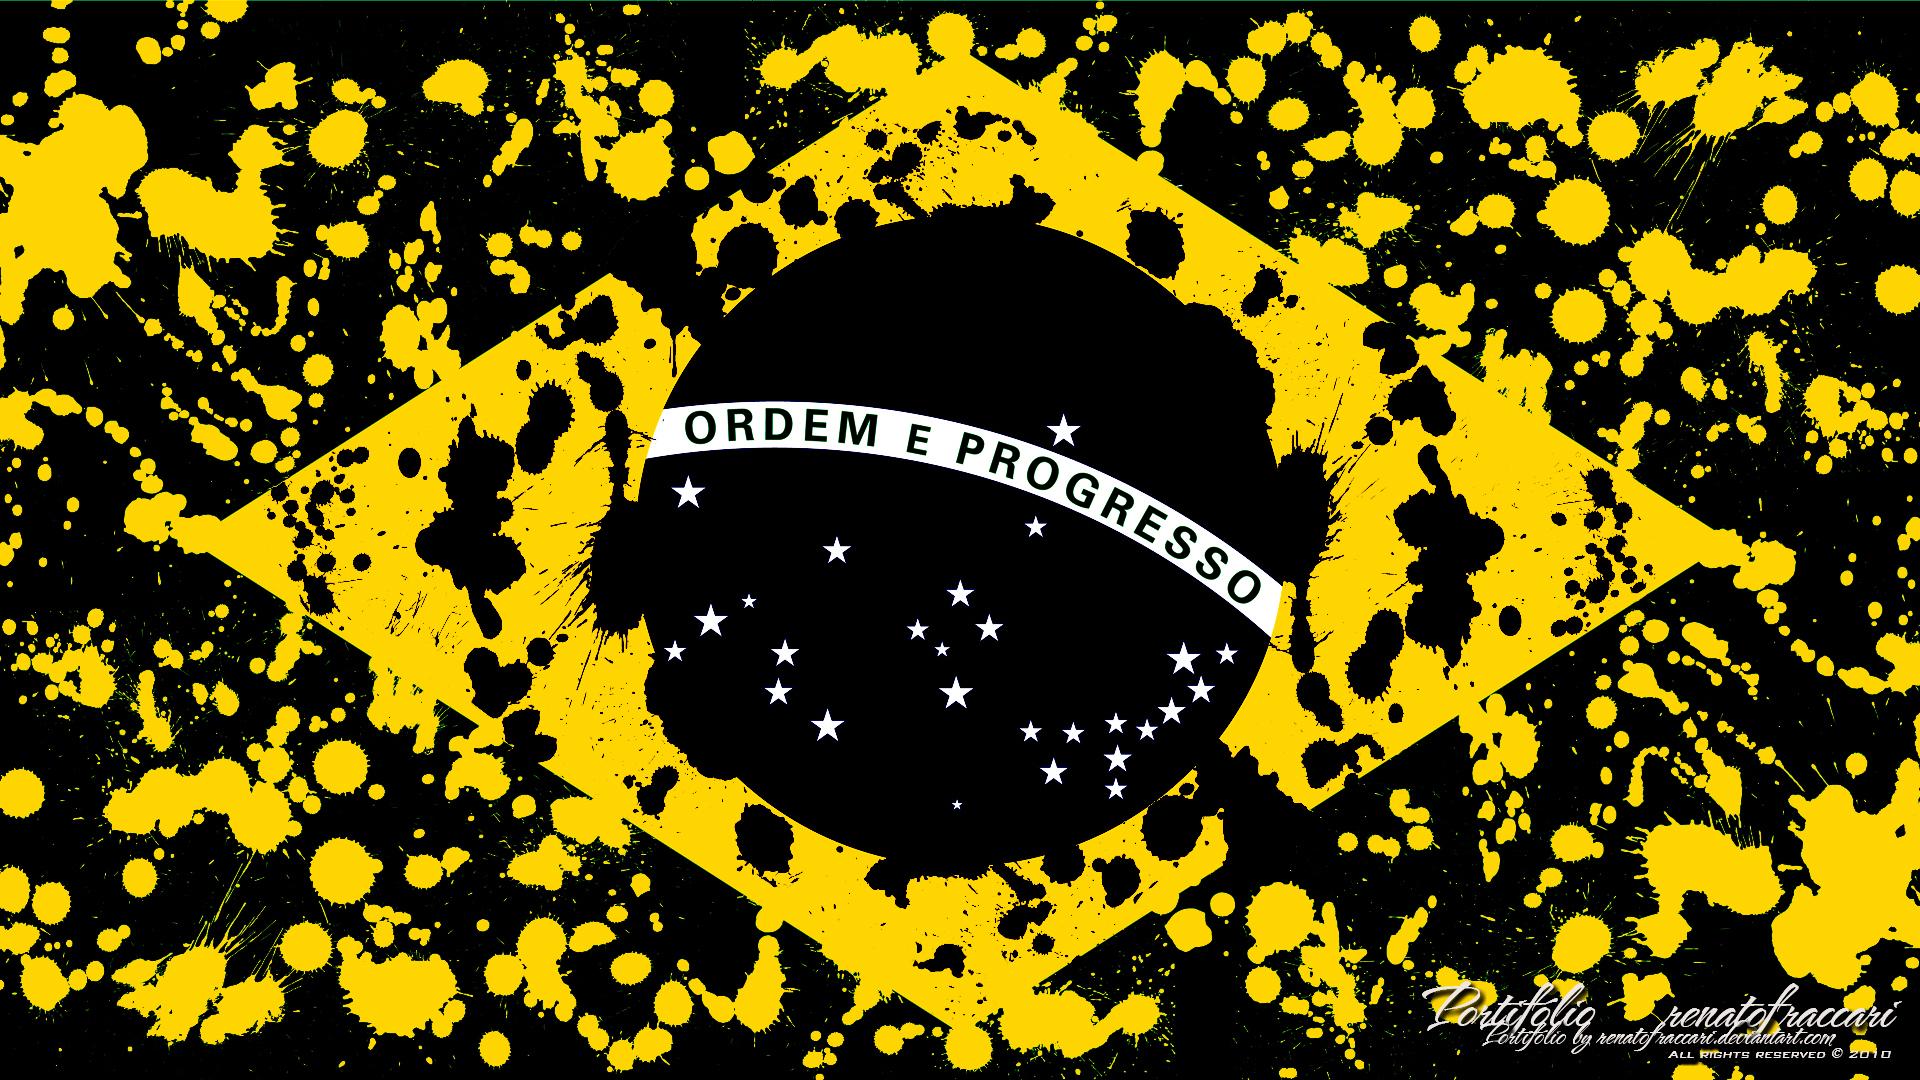 Brazil Dark Flag by renatofraccari